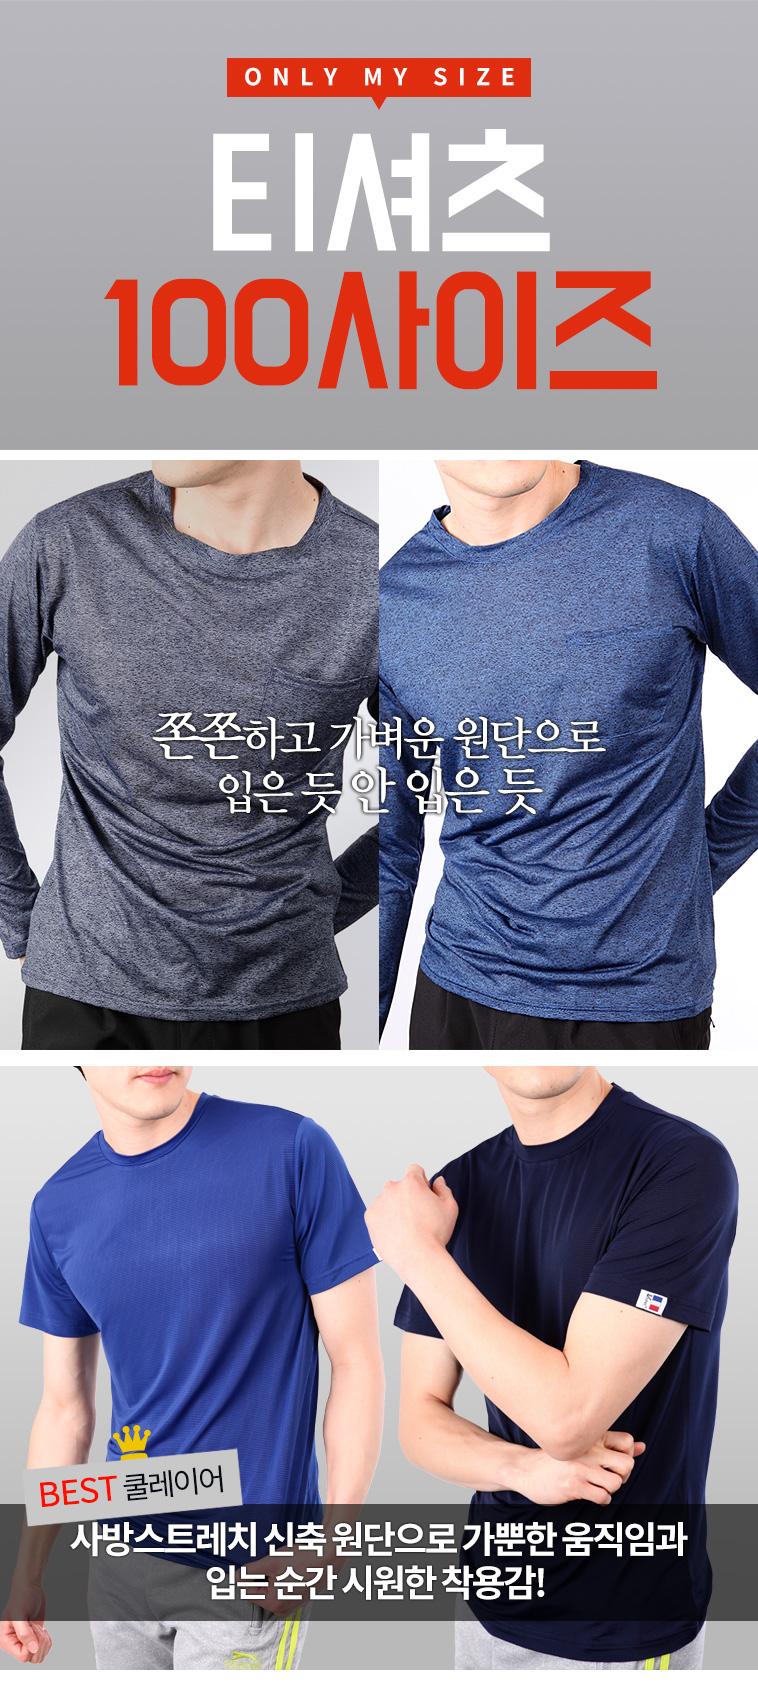 [마이사이즈] 남성 100 봄 티셔츠 - 상세정보